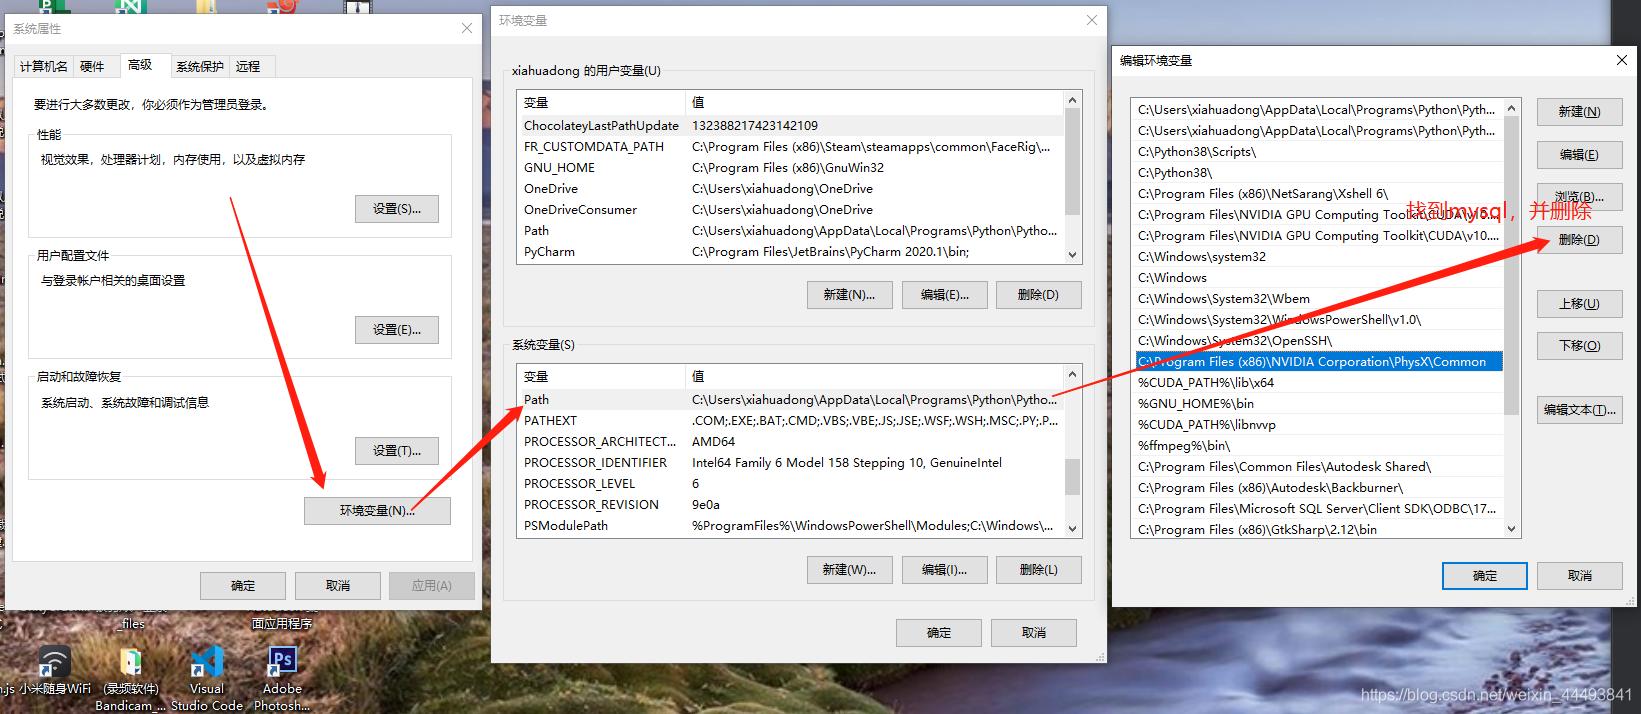 [外链图片转存失败,源站可能有防盗链机制,建议将图片保存下来直接上传(img-sM7M9k7t-1605840391700)(C:\Users\xiahuadong\Documents\csdn博客\卸载mysql1.png)]